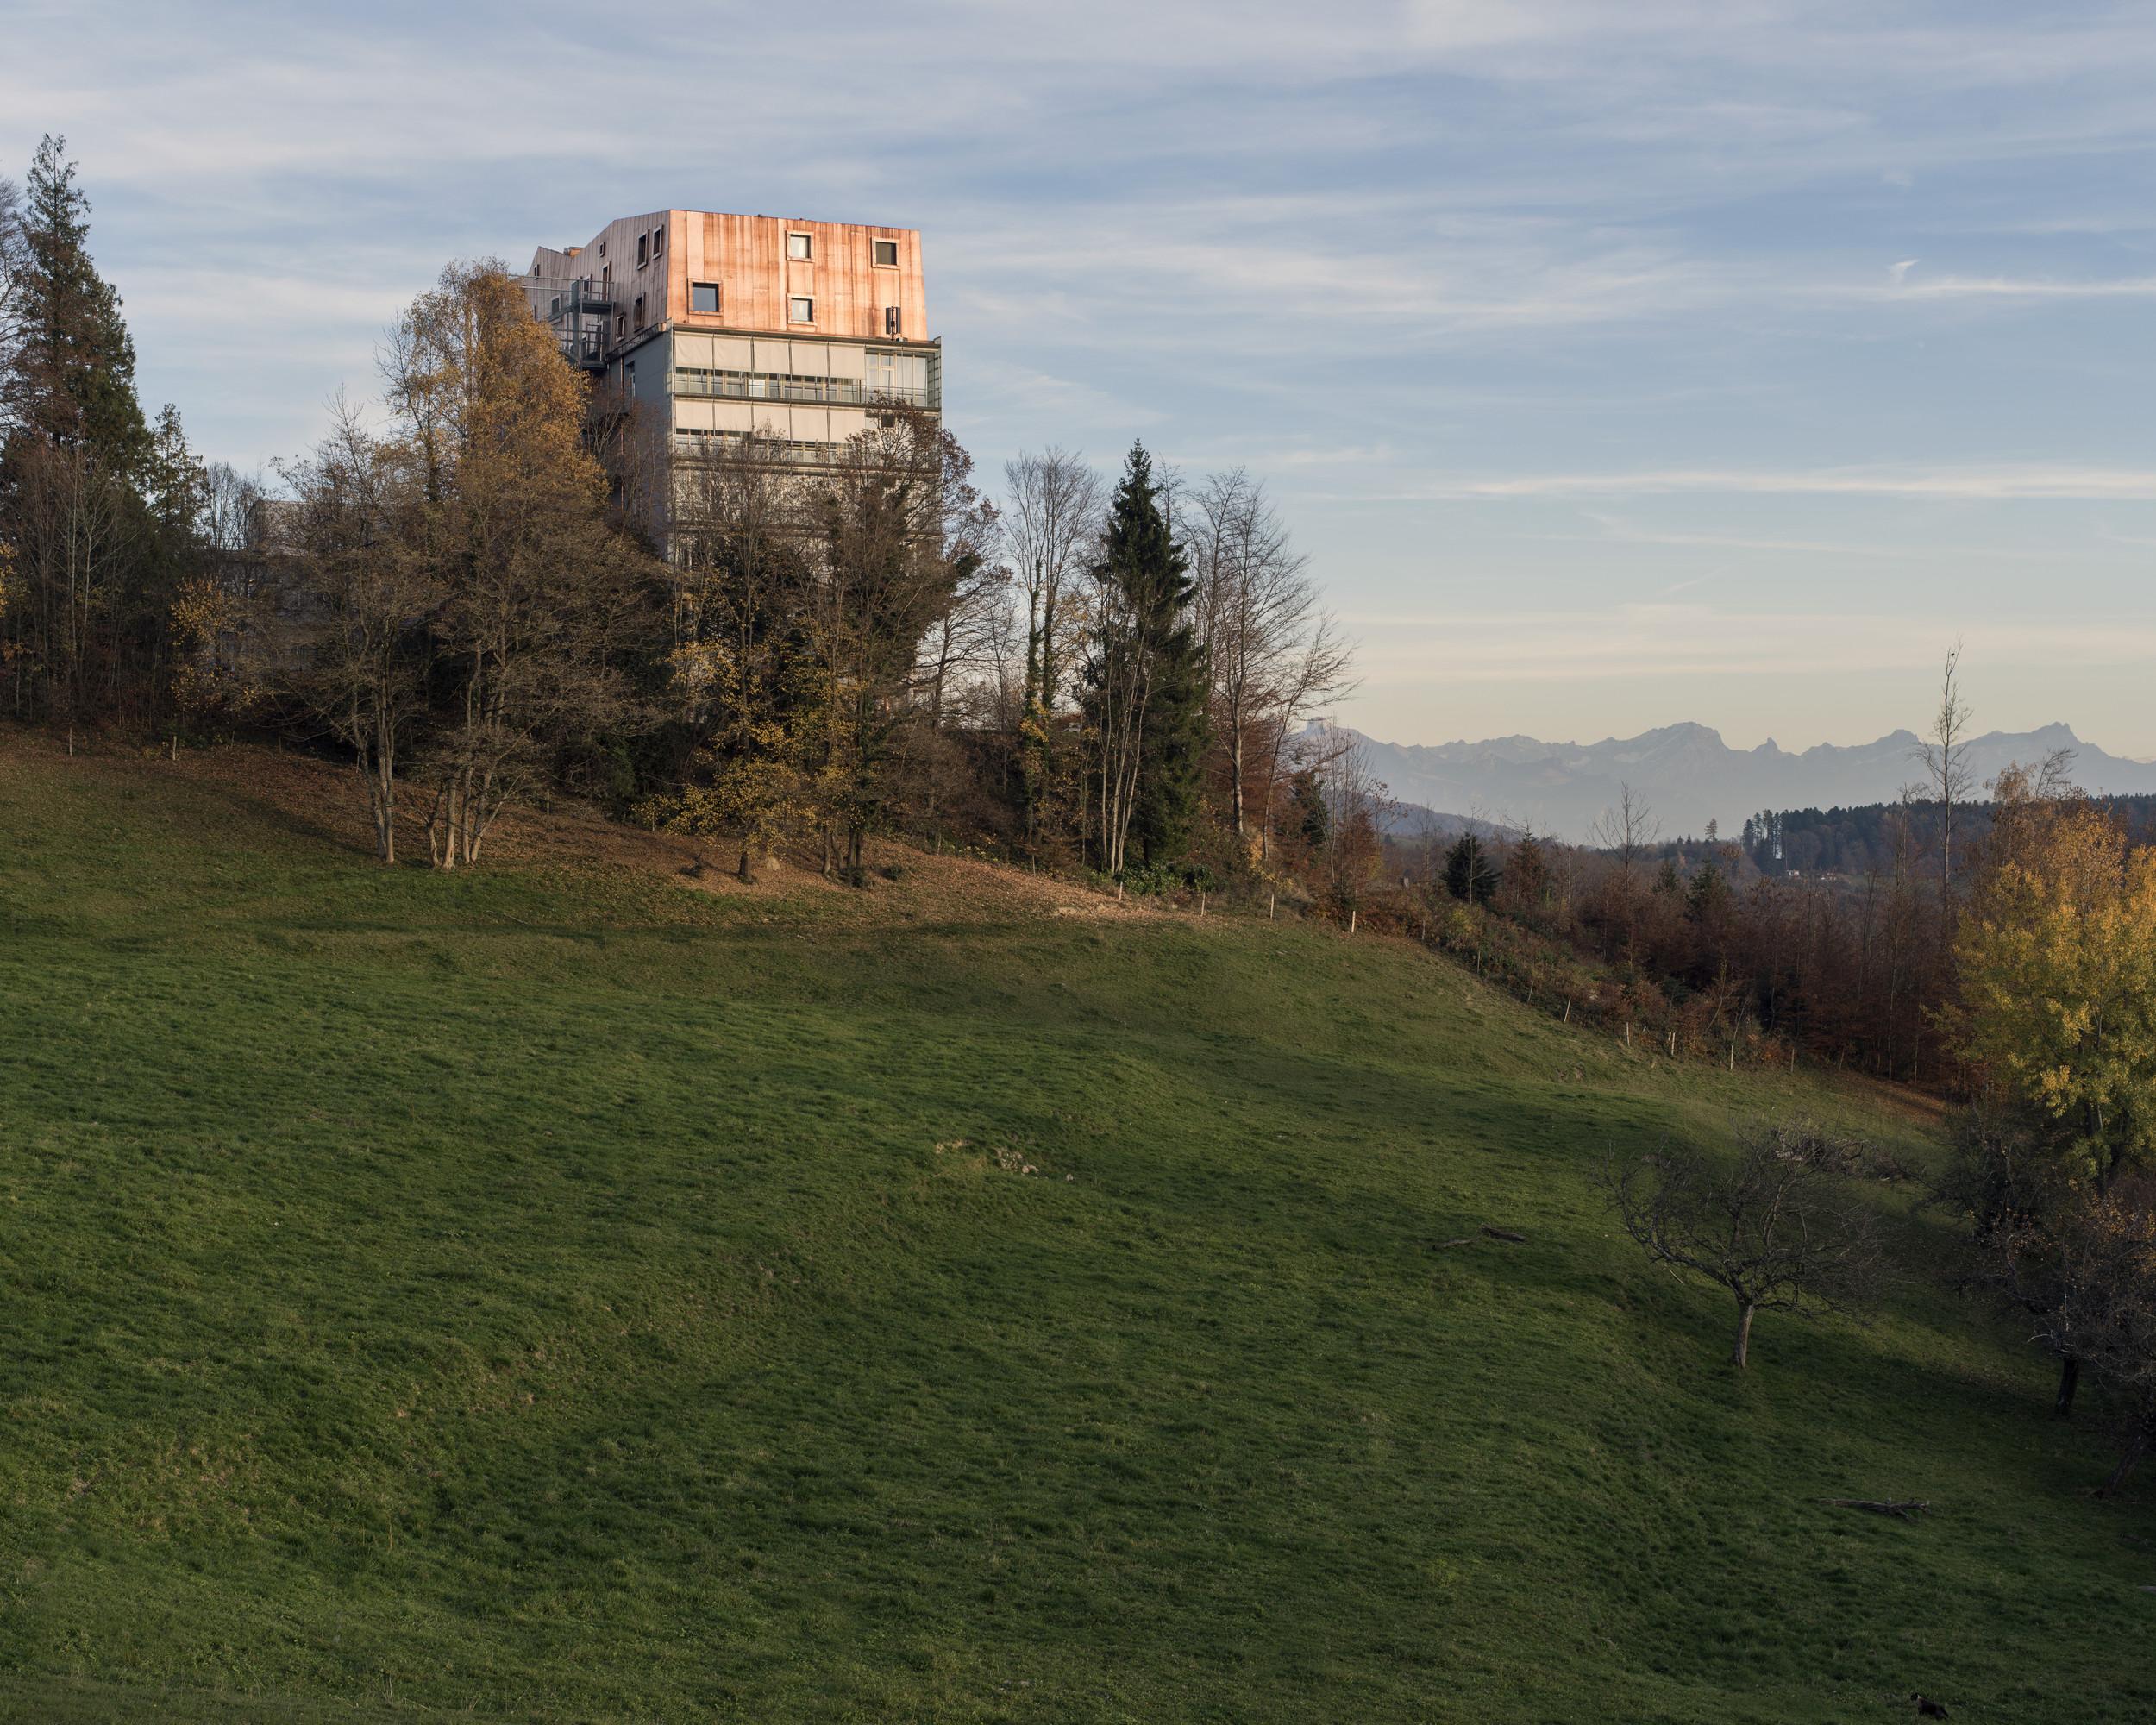 Seitenansicht von aufgestocktem Gebäude